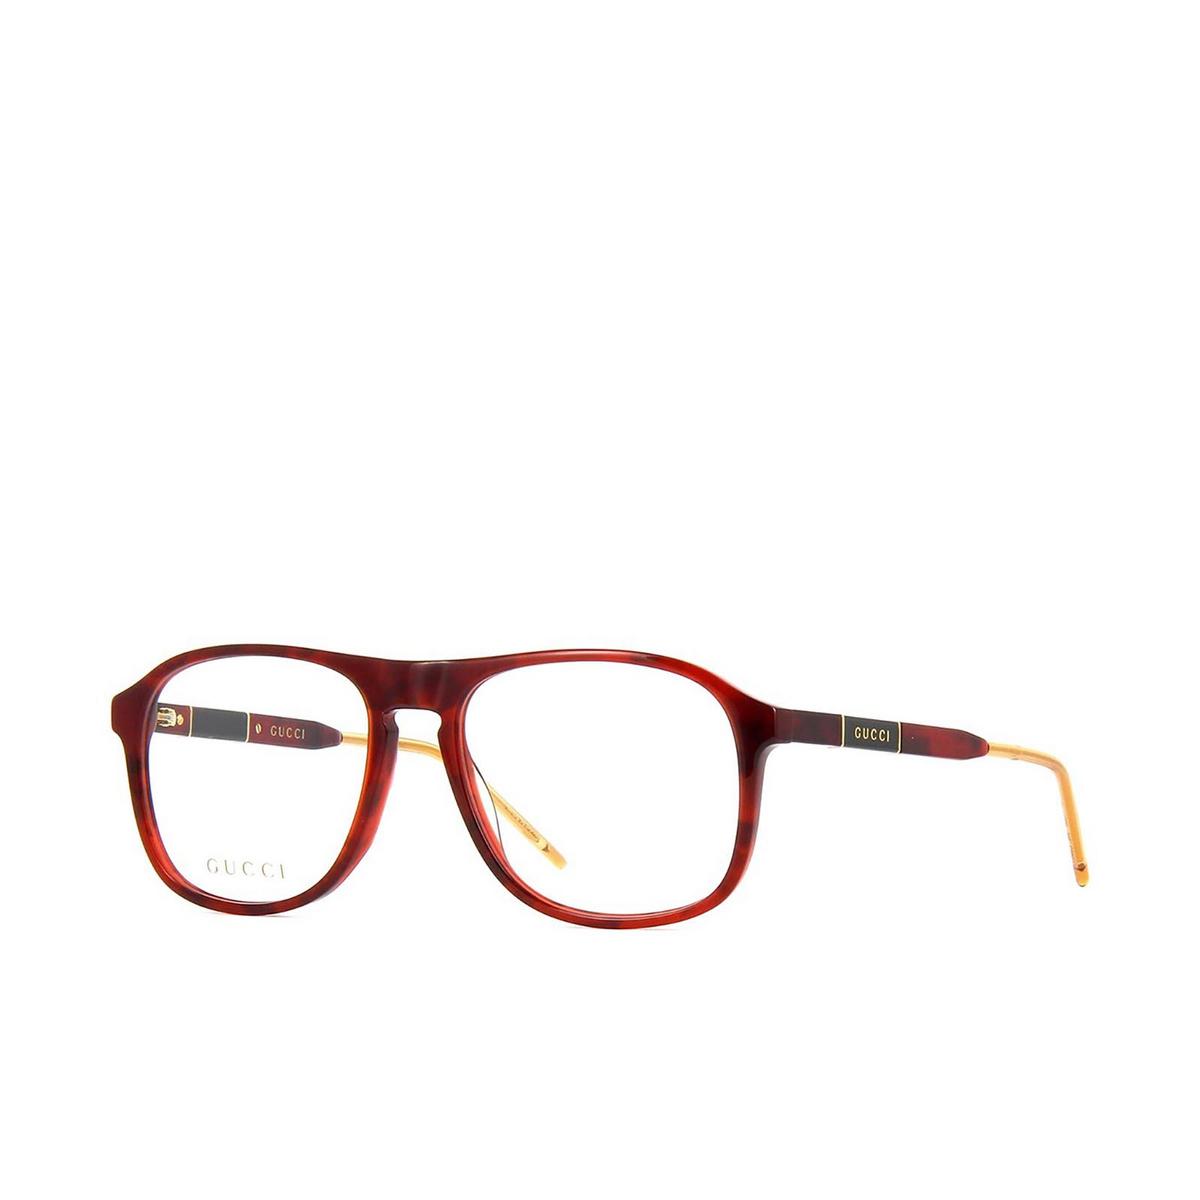 Gucci® Aviator Eyeglasses: GG0844O color Havana 005 - three-quarters view.